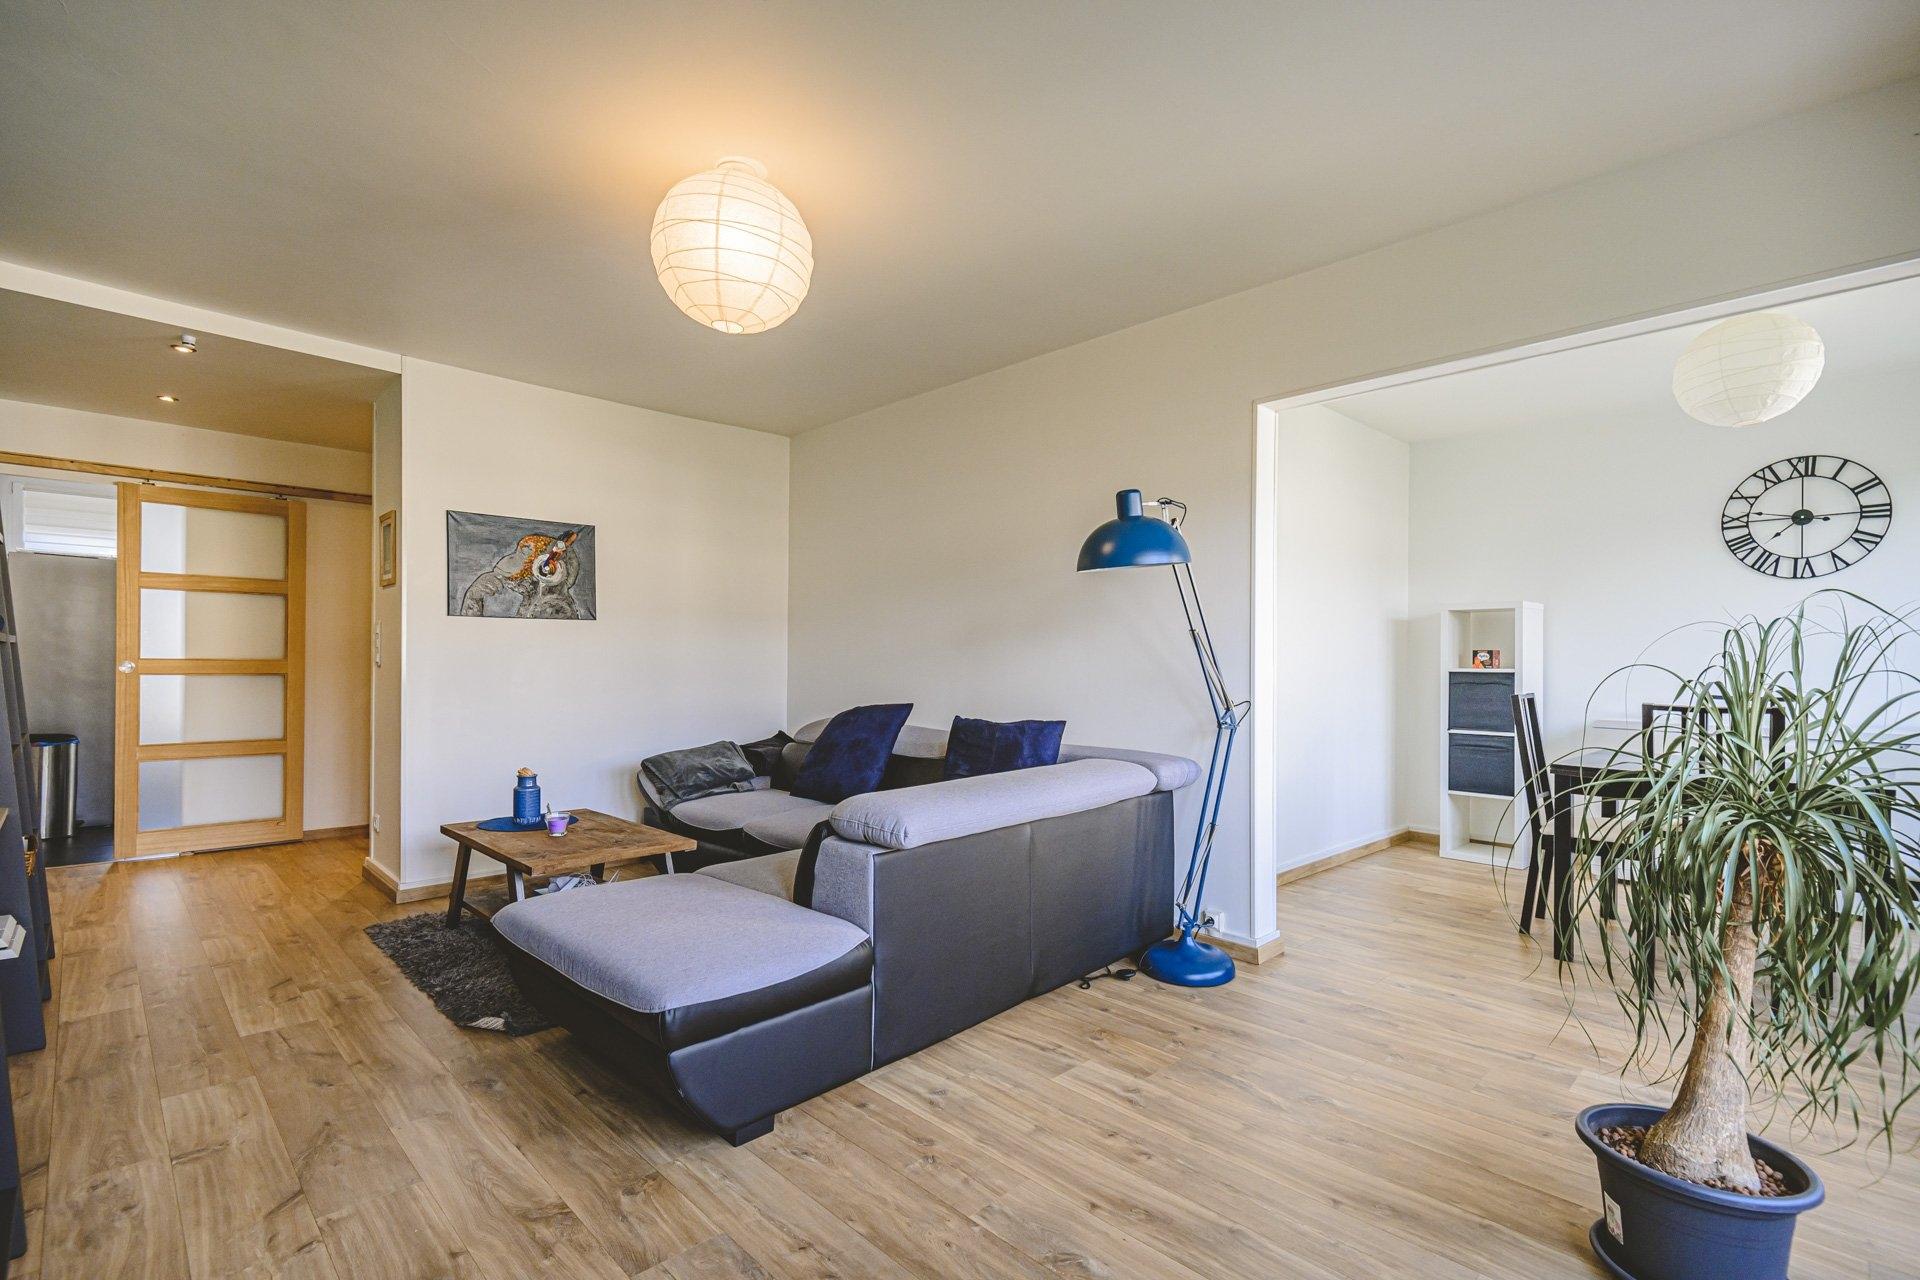 Appartement Reims 4 Pièces 80 m2 - 1